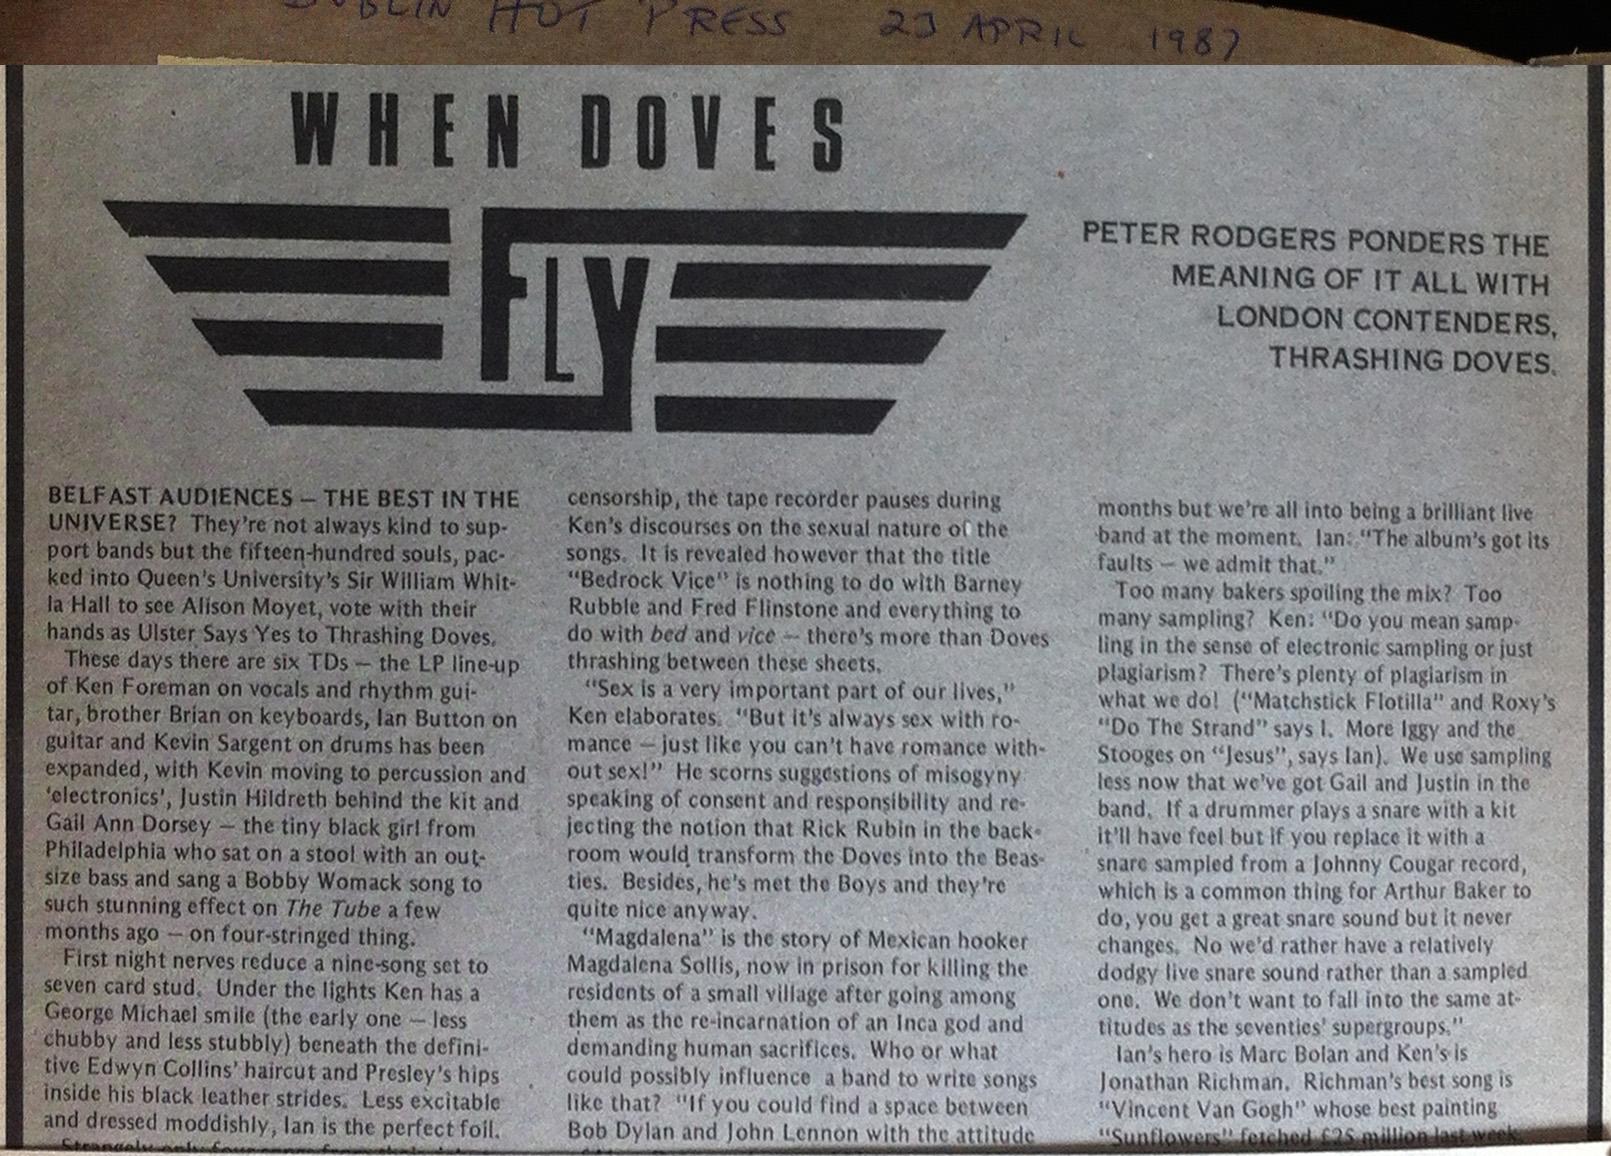 dublin hot press 23 april 87 i